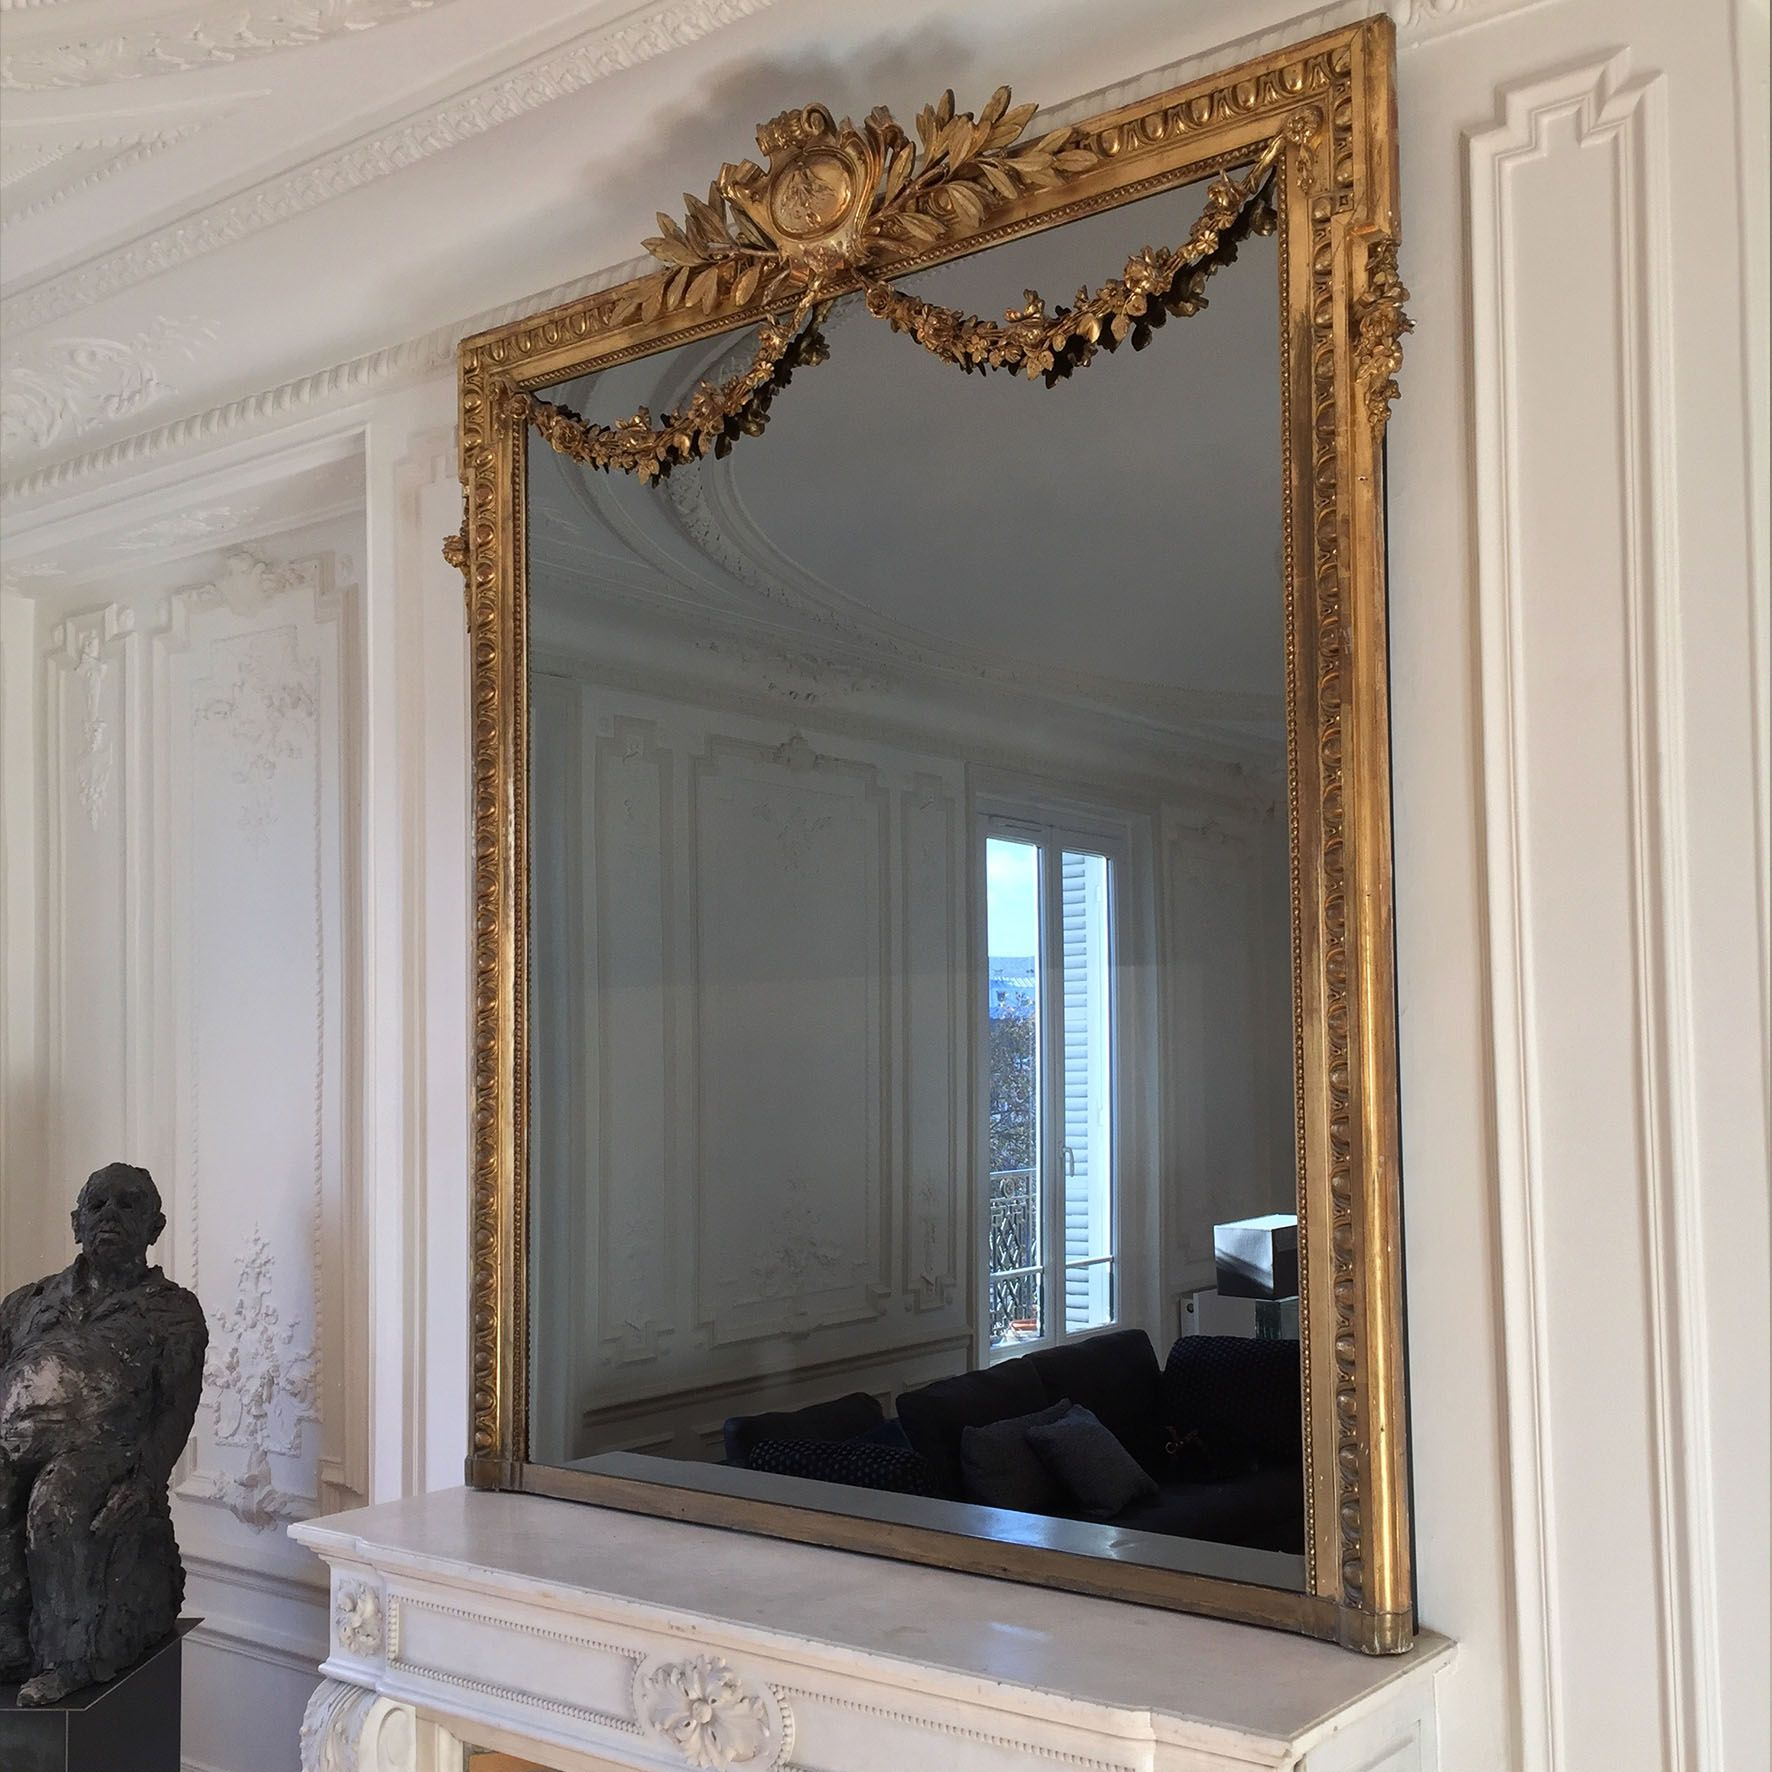 Tv Etanche Pour Salle De Bain ~ tlvision miroir souria pouce magique miroir android de luxe smart